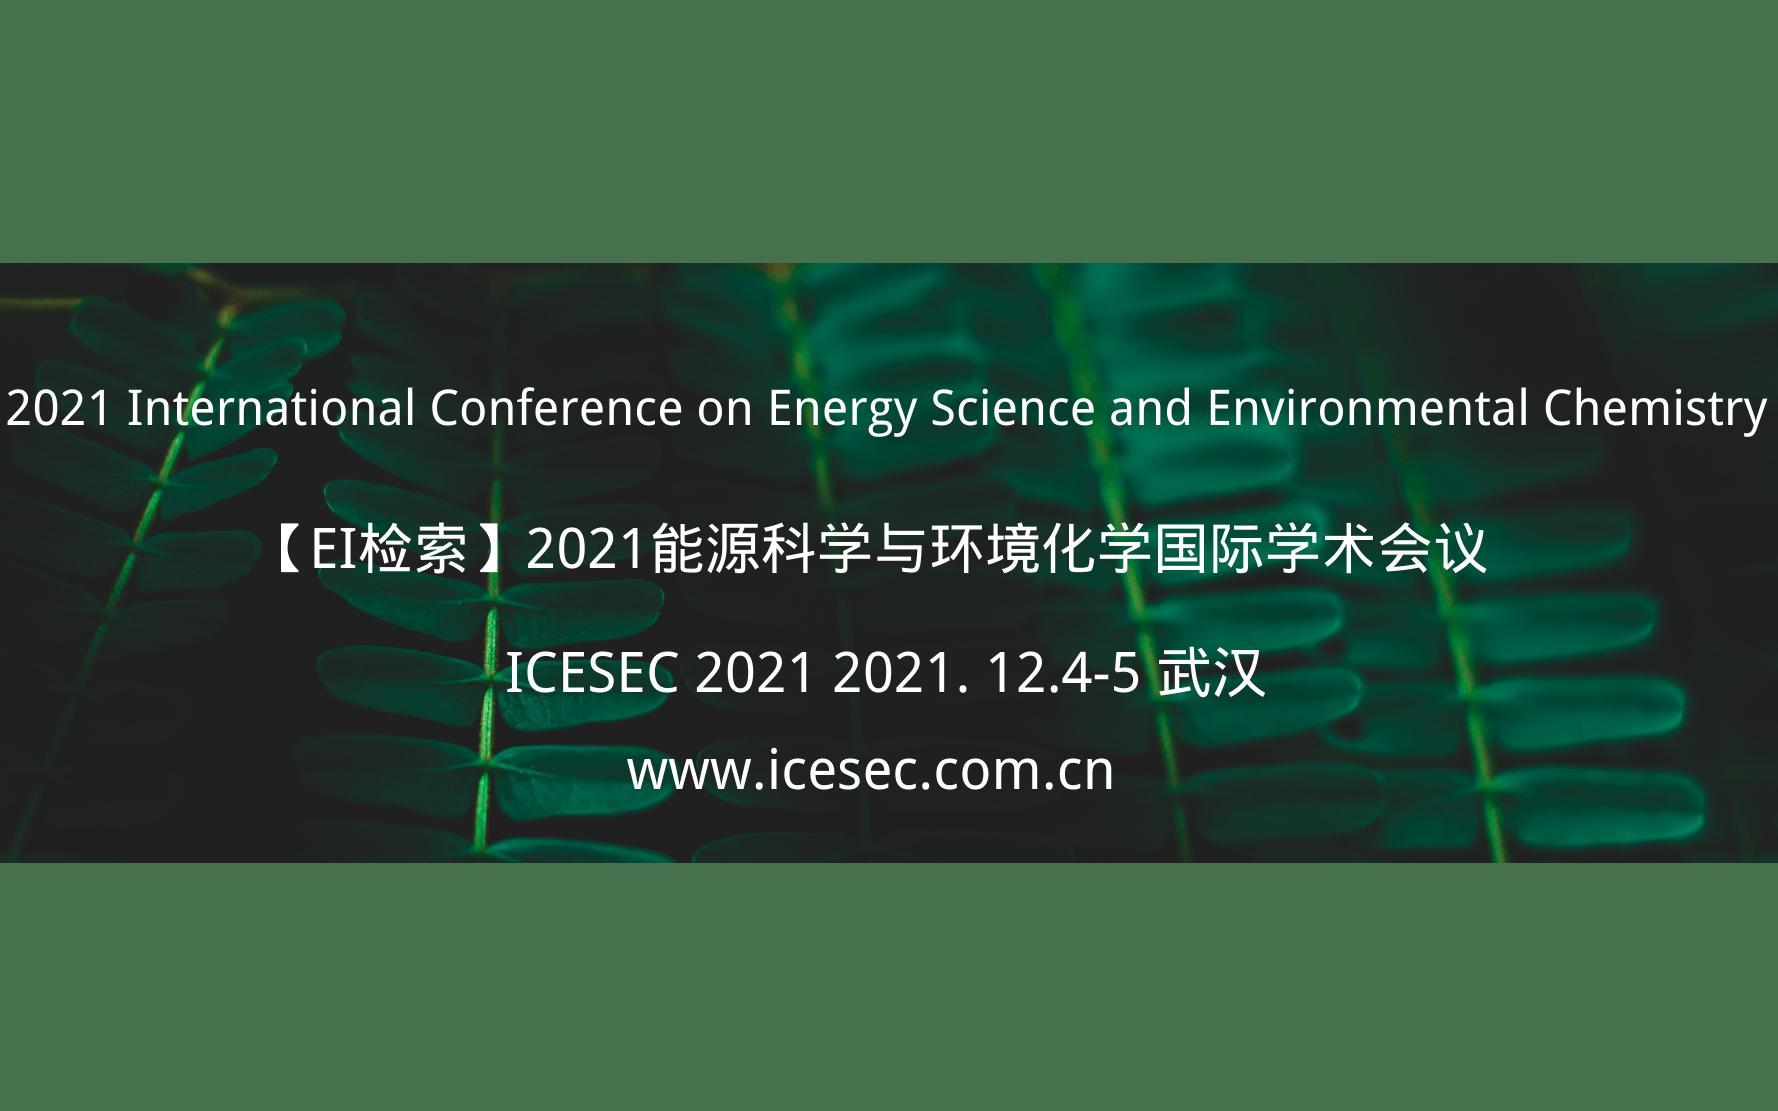 2021能源科学与环境化学国际学术会议